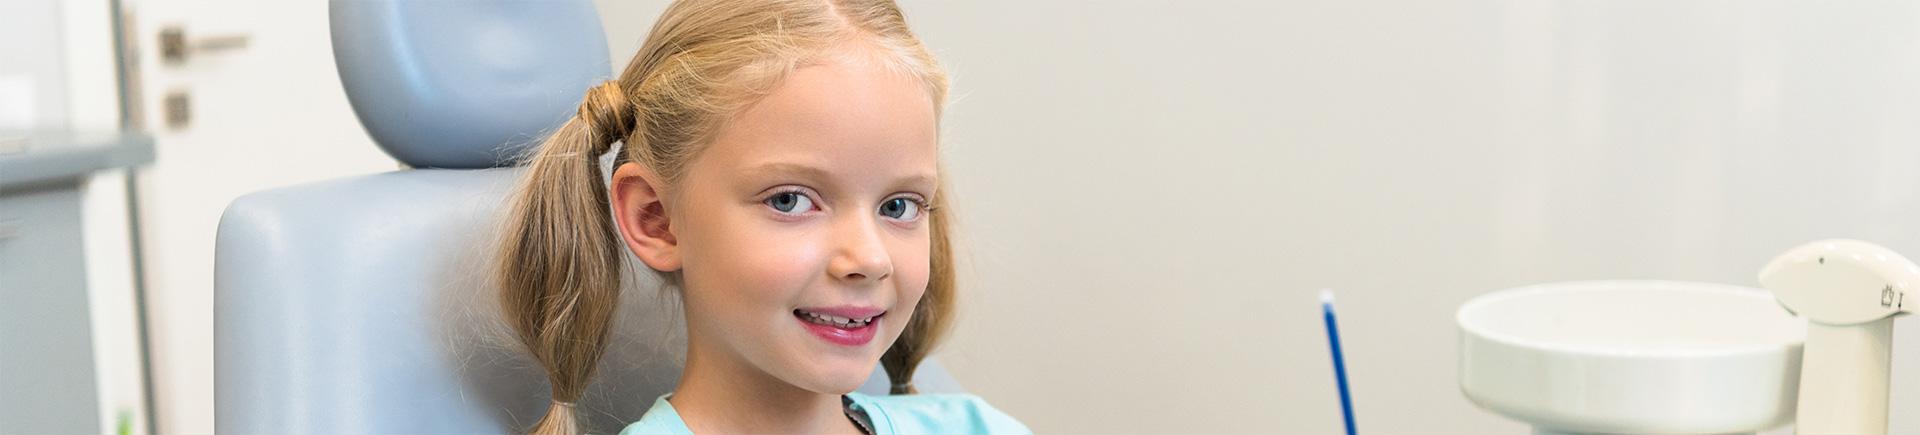 Children's Dentistry Milton, GA